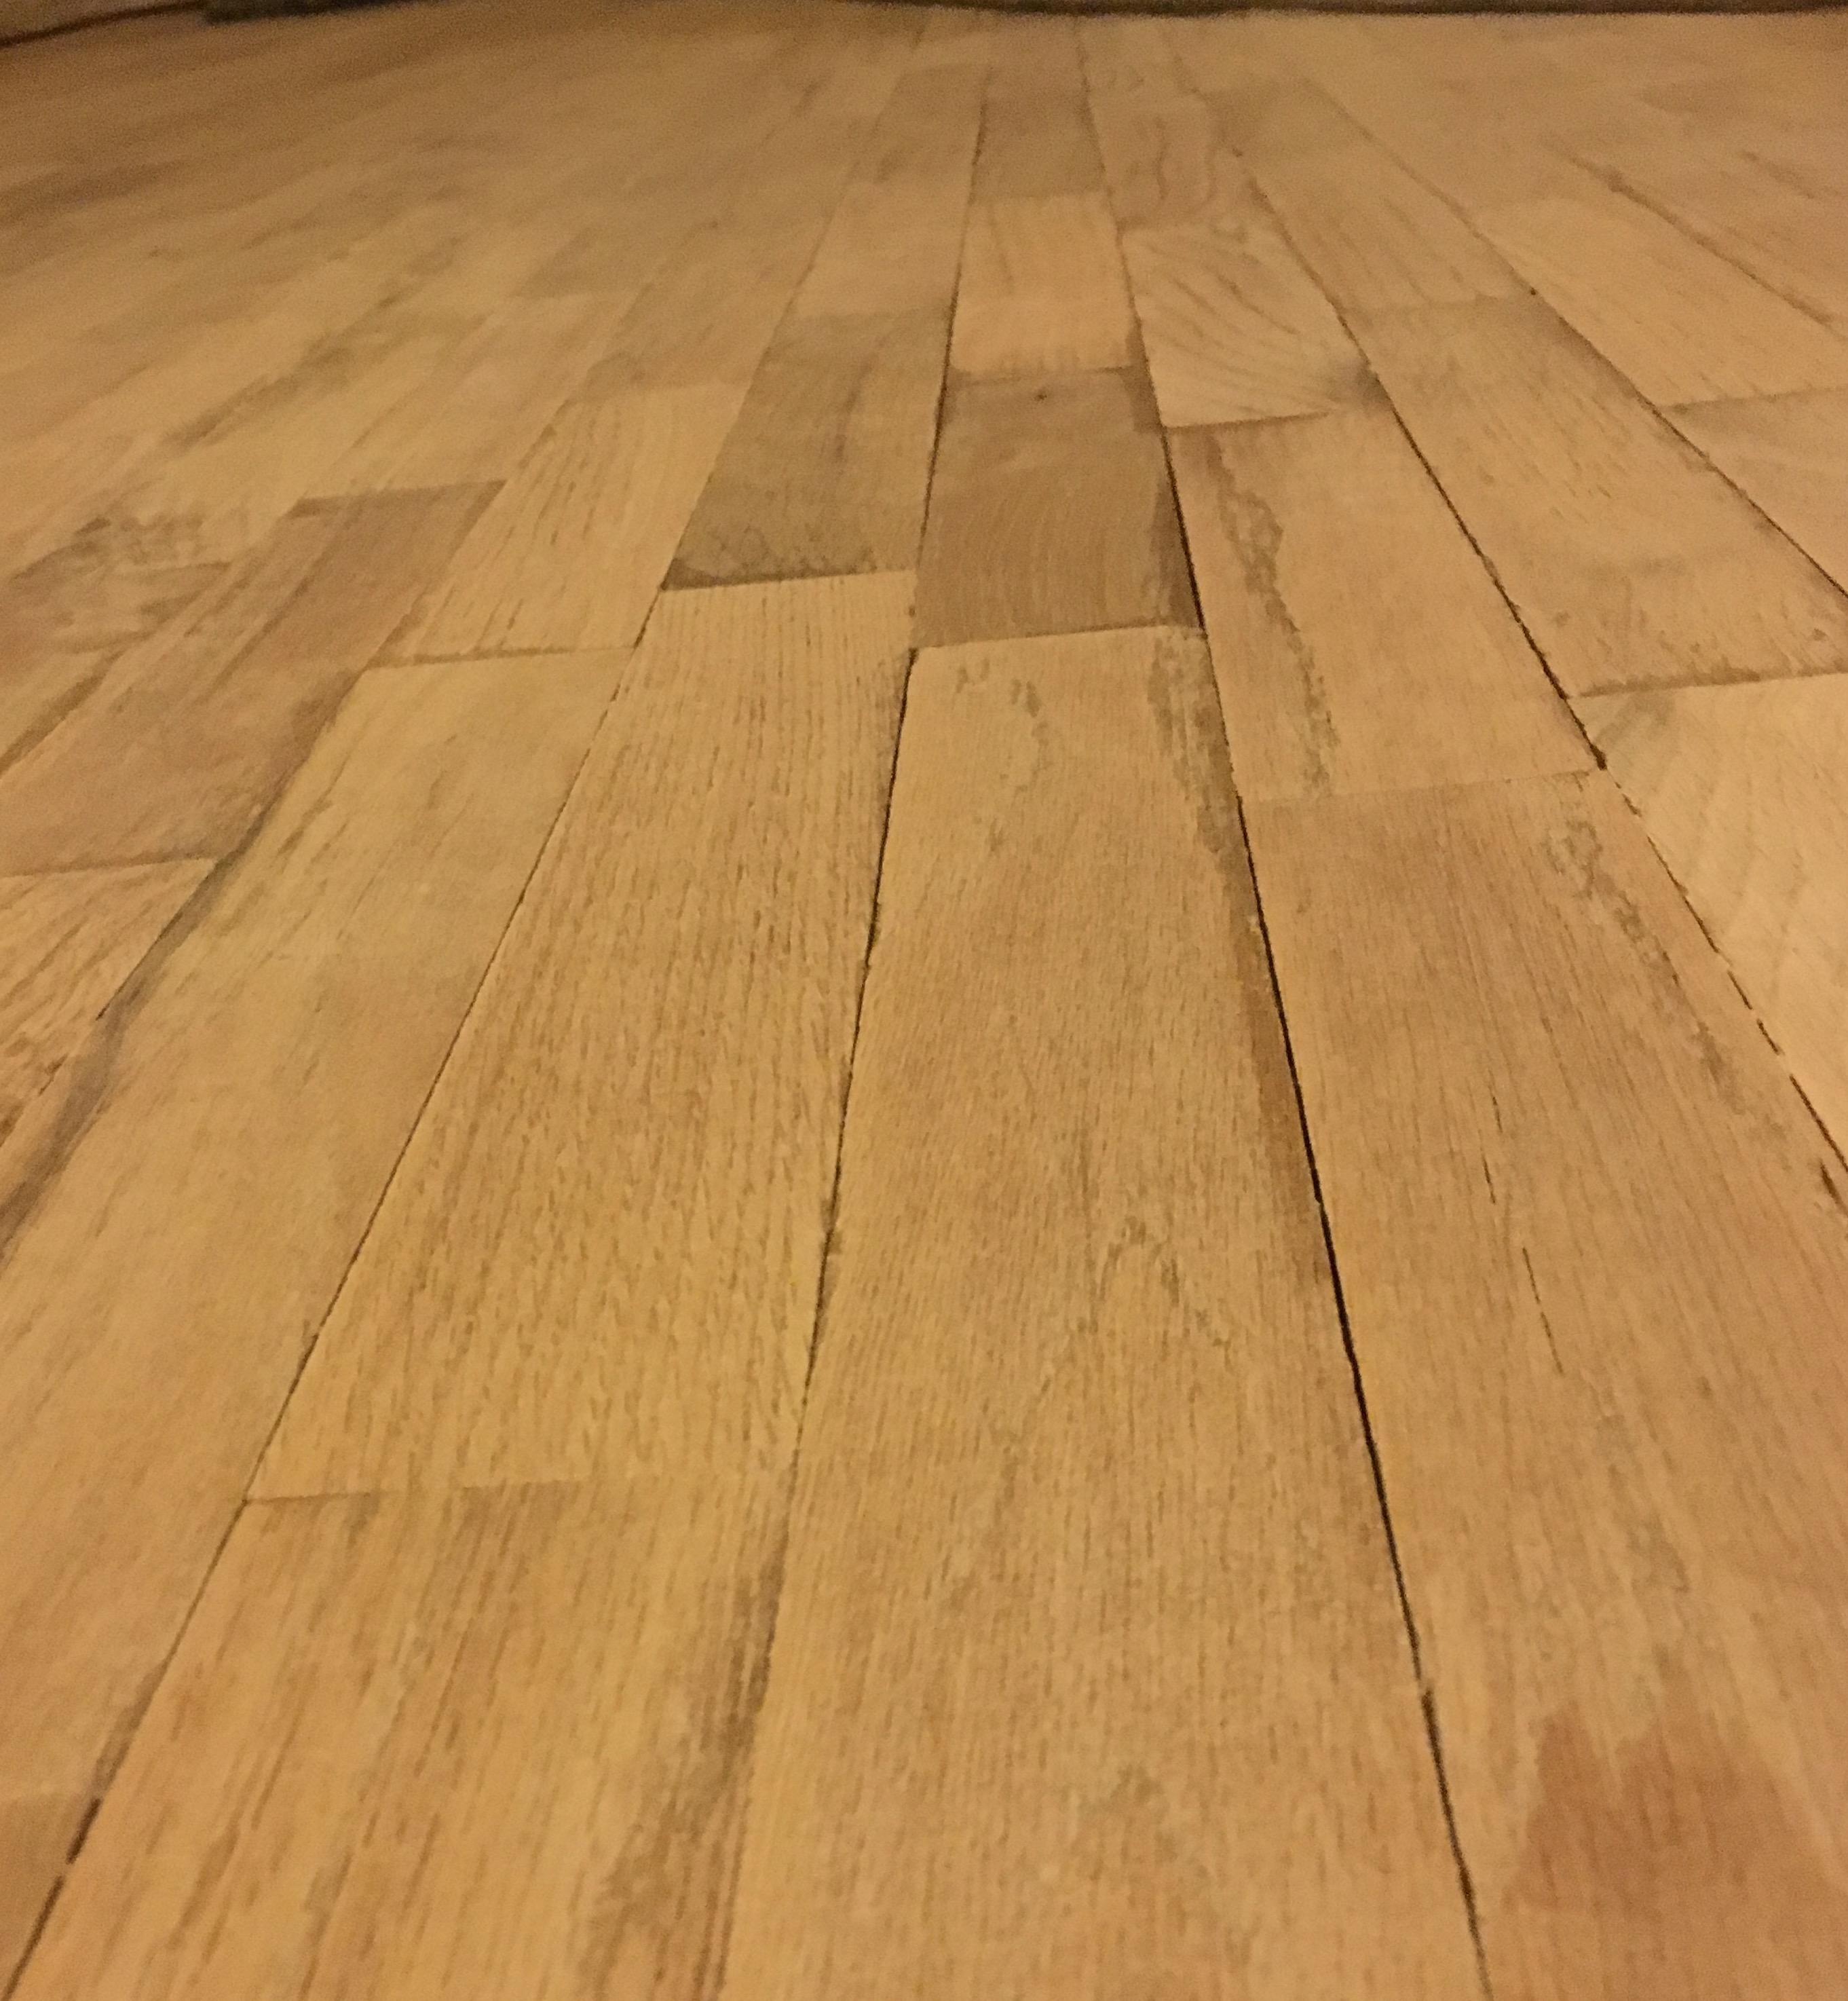 Sanded segment